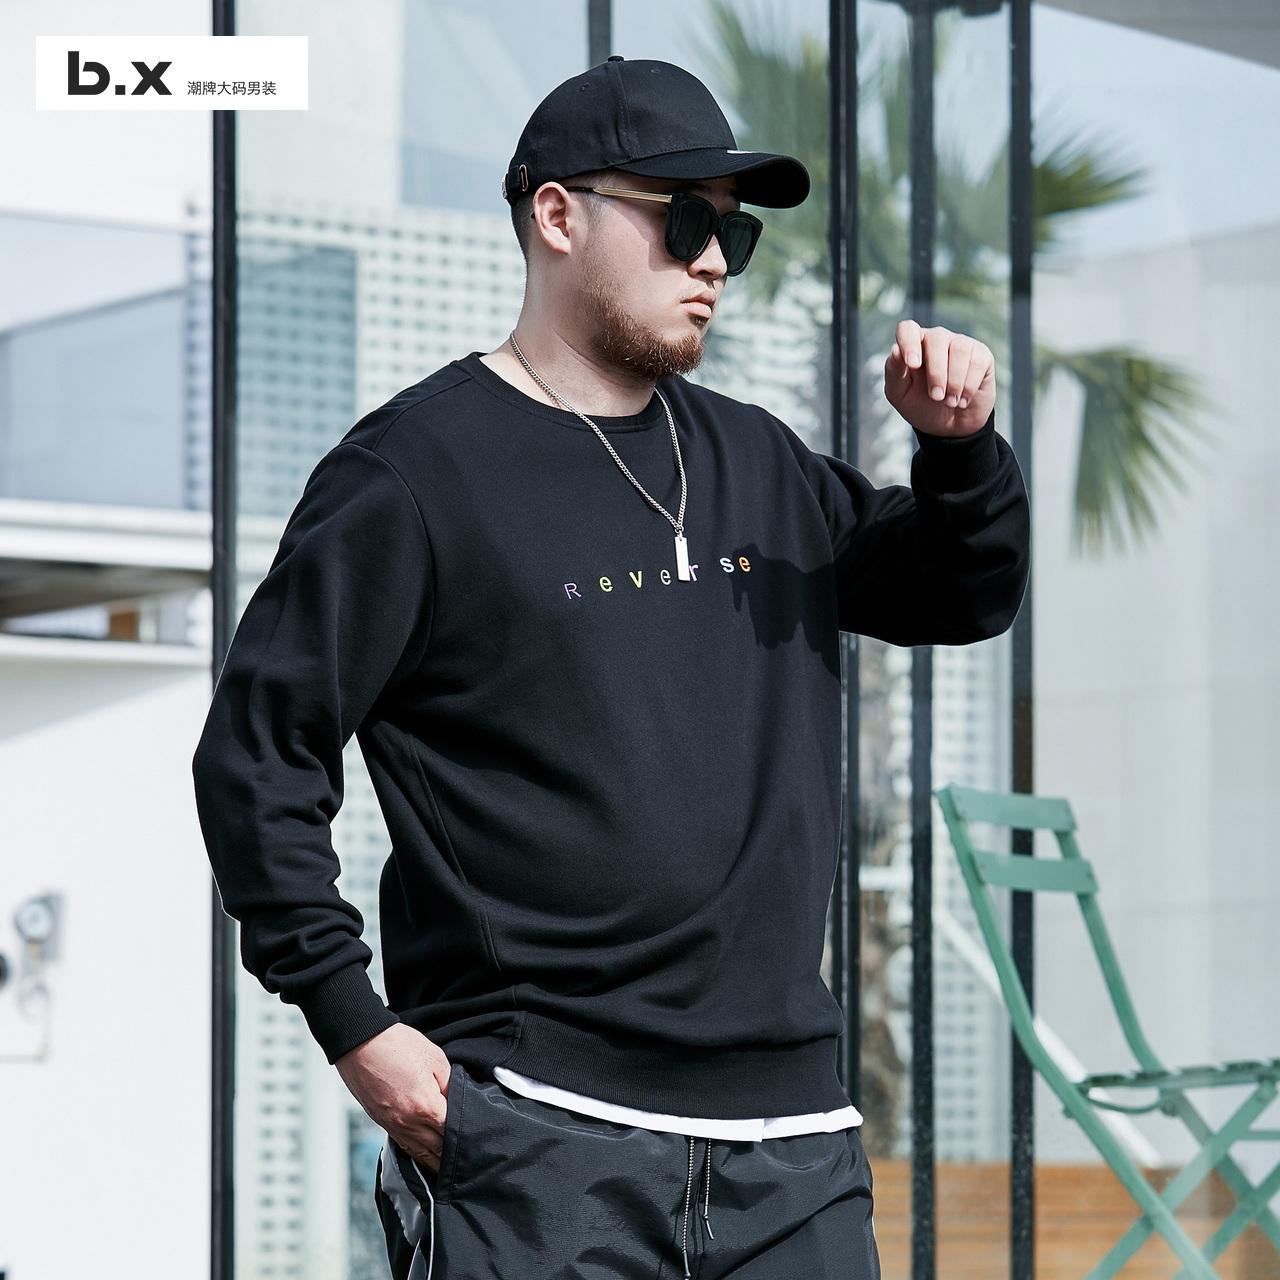 B.X大码秋季新款男士卫衣宽松刺绣上衣胖子韩版时尚休闲外套男潮